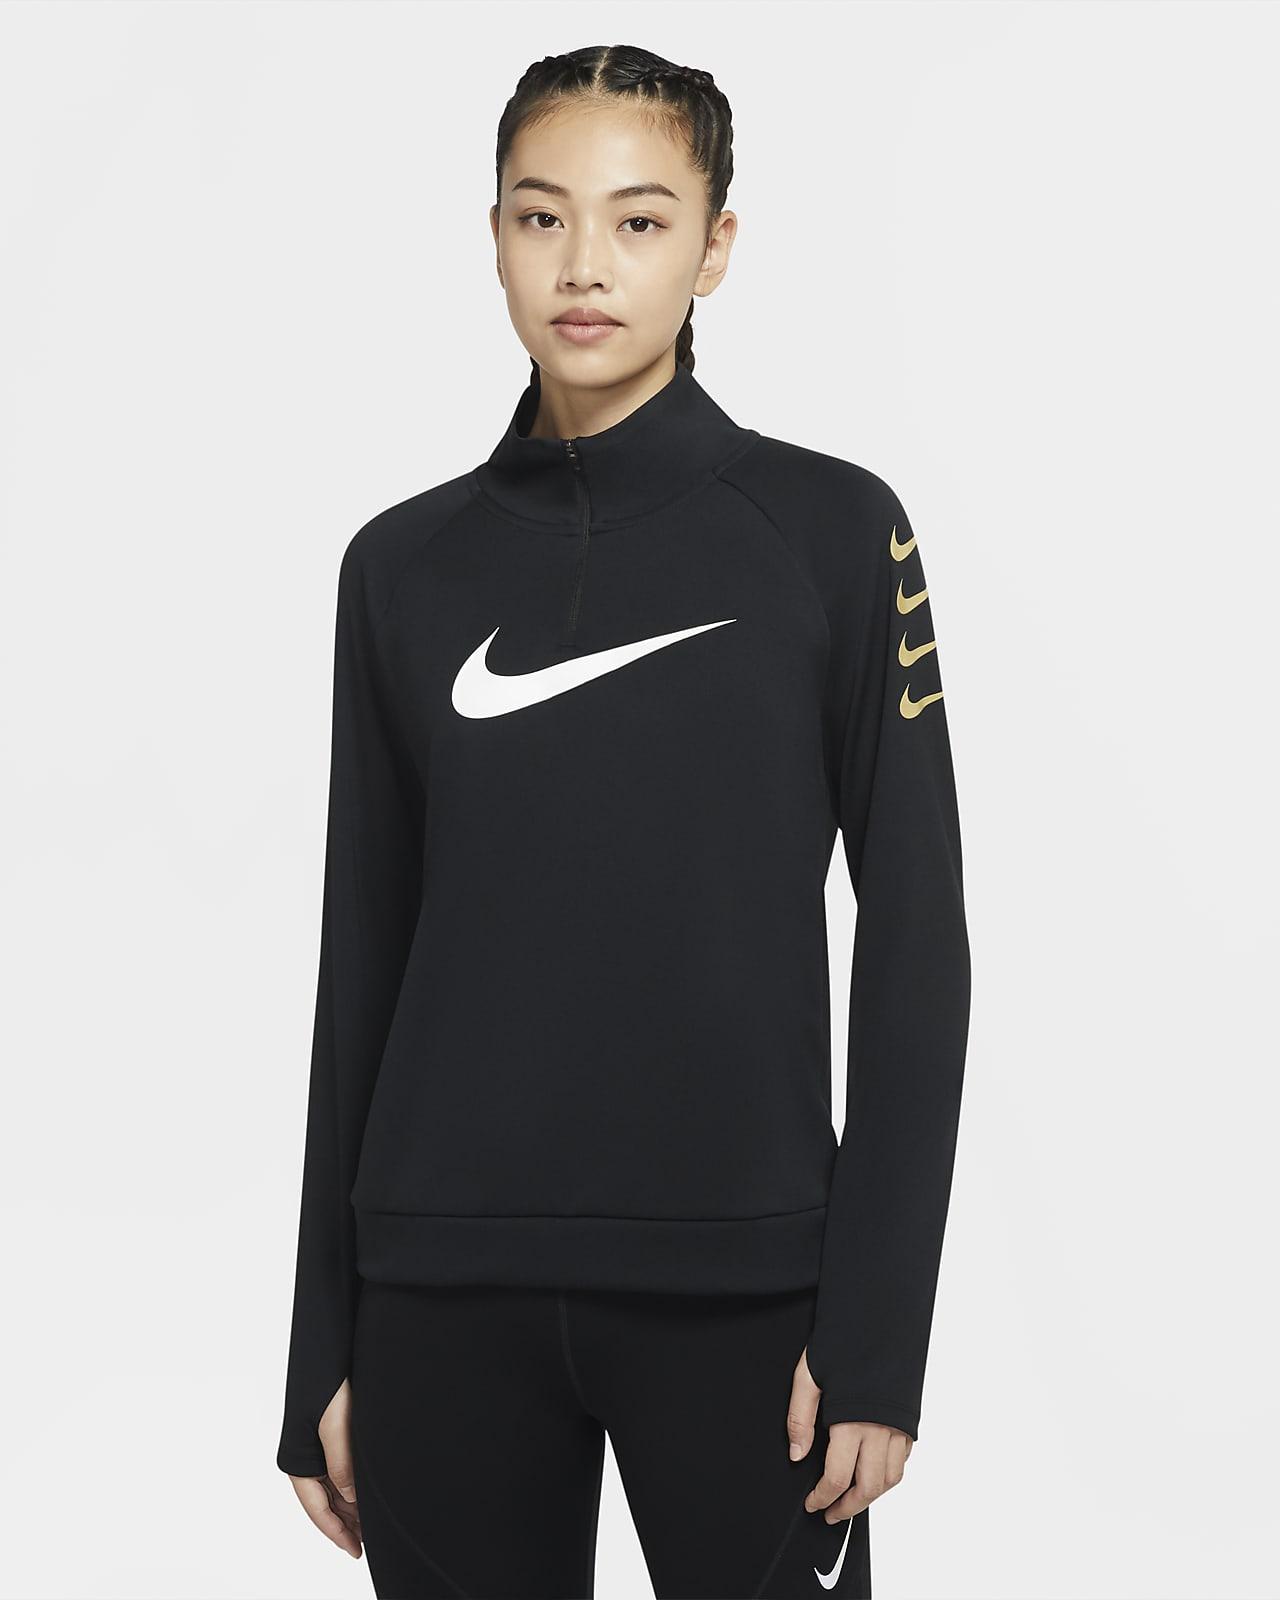 เสื้อวิ่งซิปสั้นผู้หญิง Nike Swoosh Run